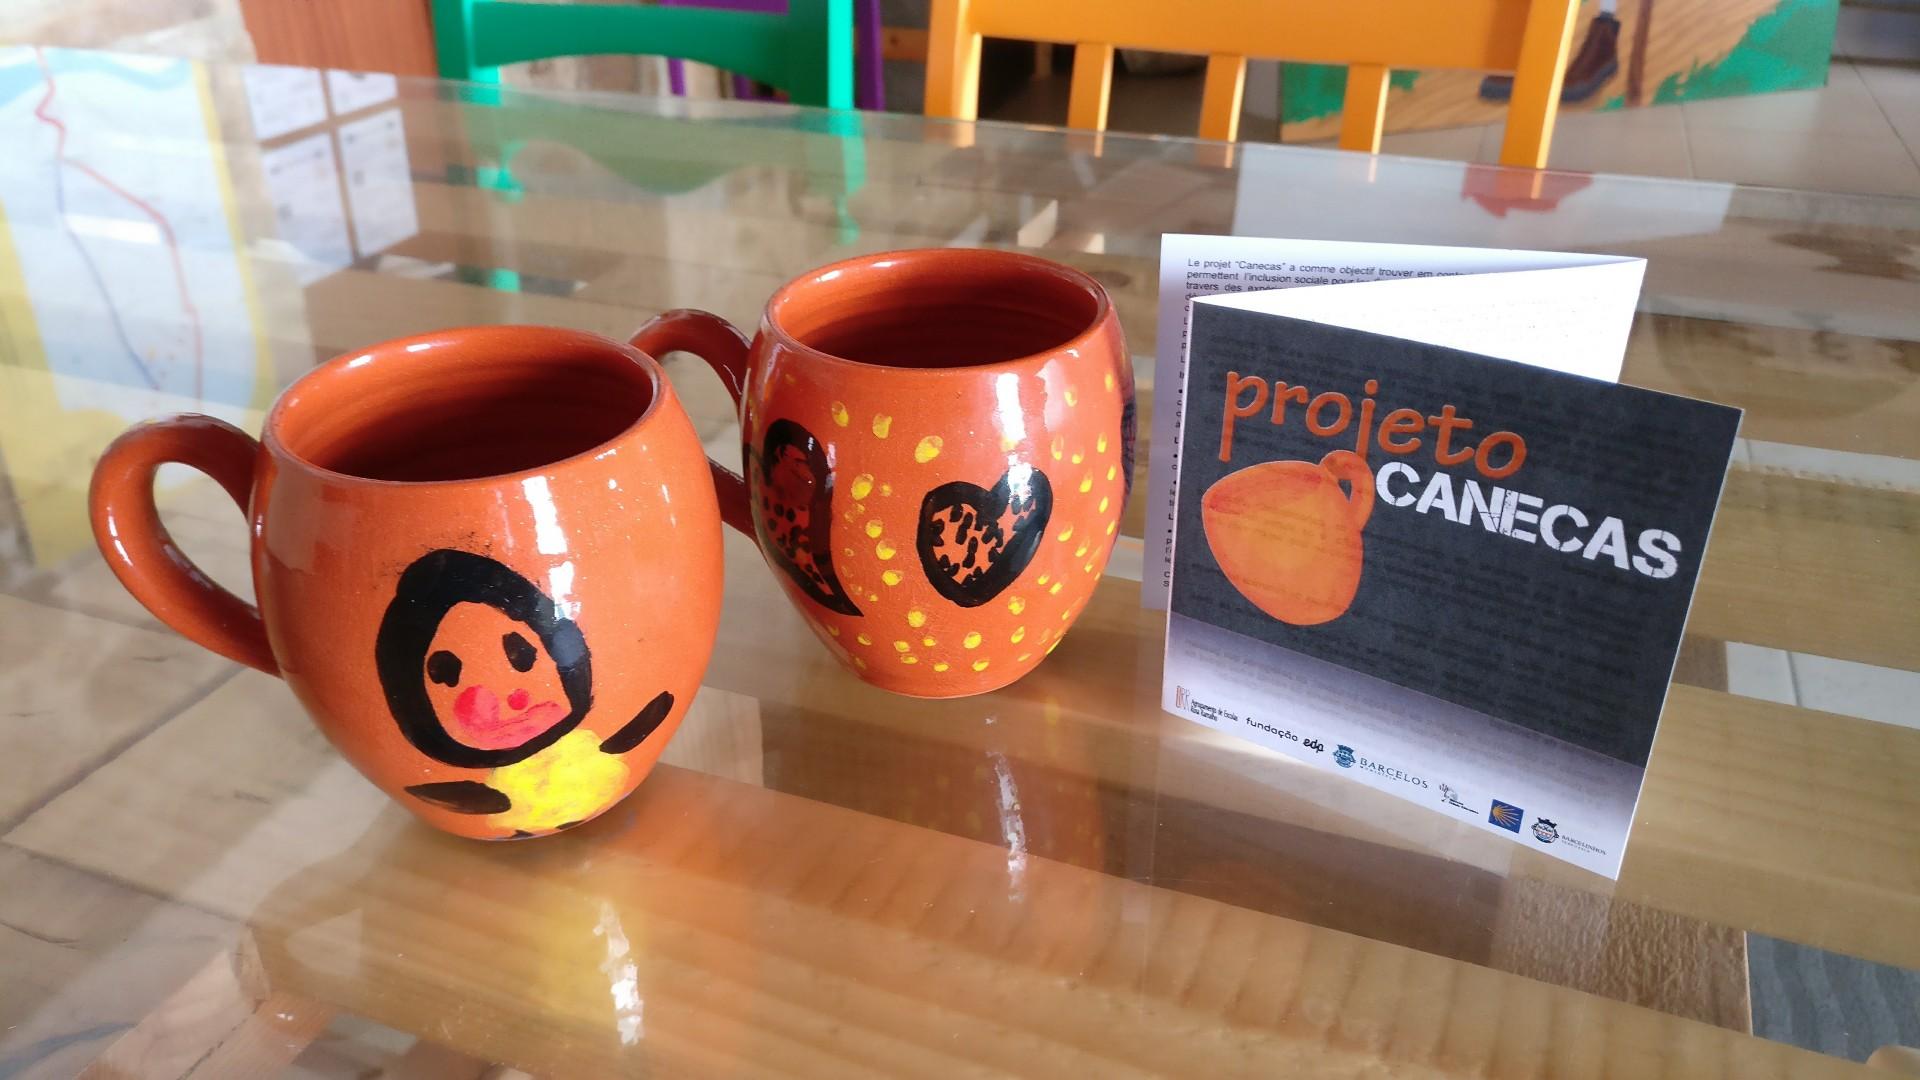 Projeto Canecas disponível no Albergue Cidade de Barcelos